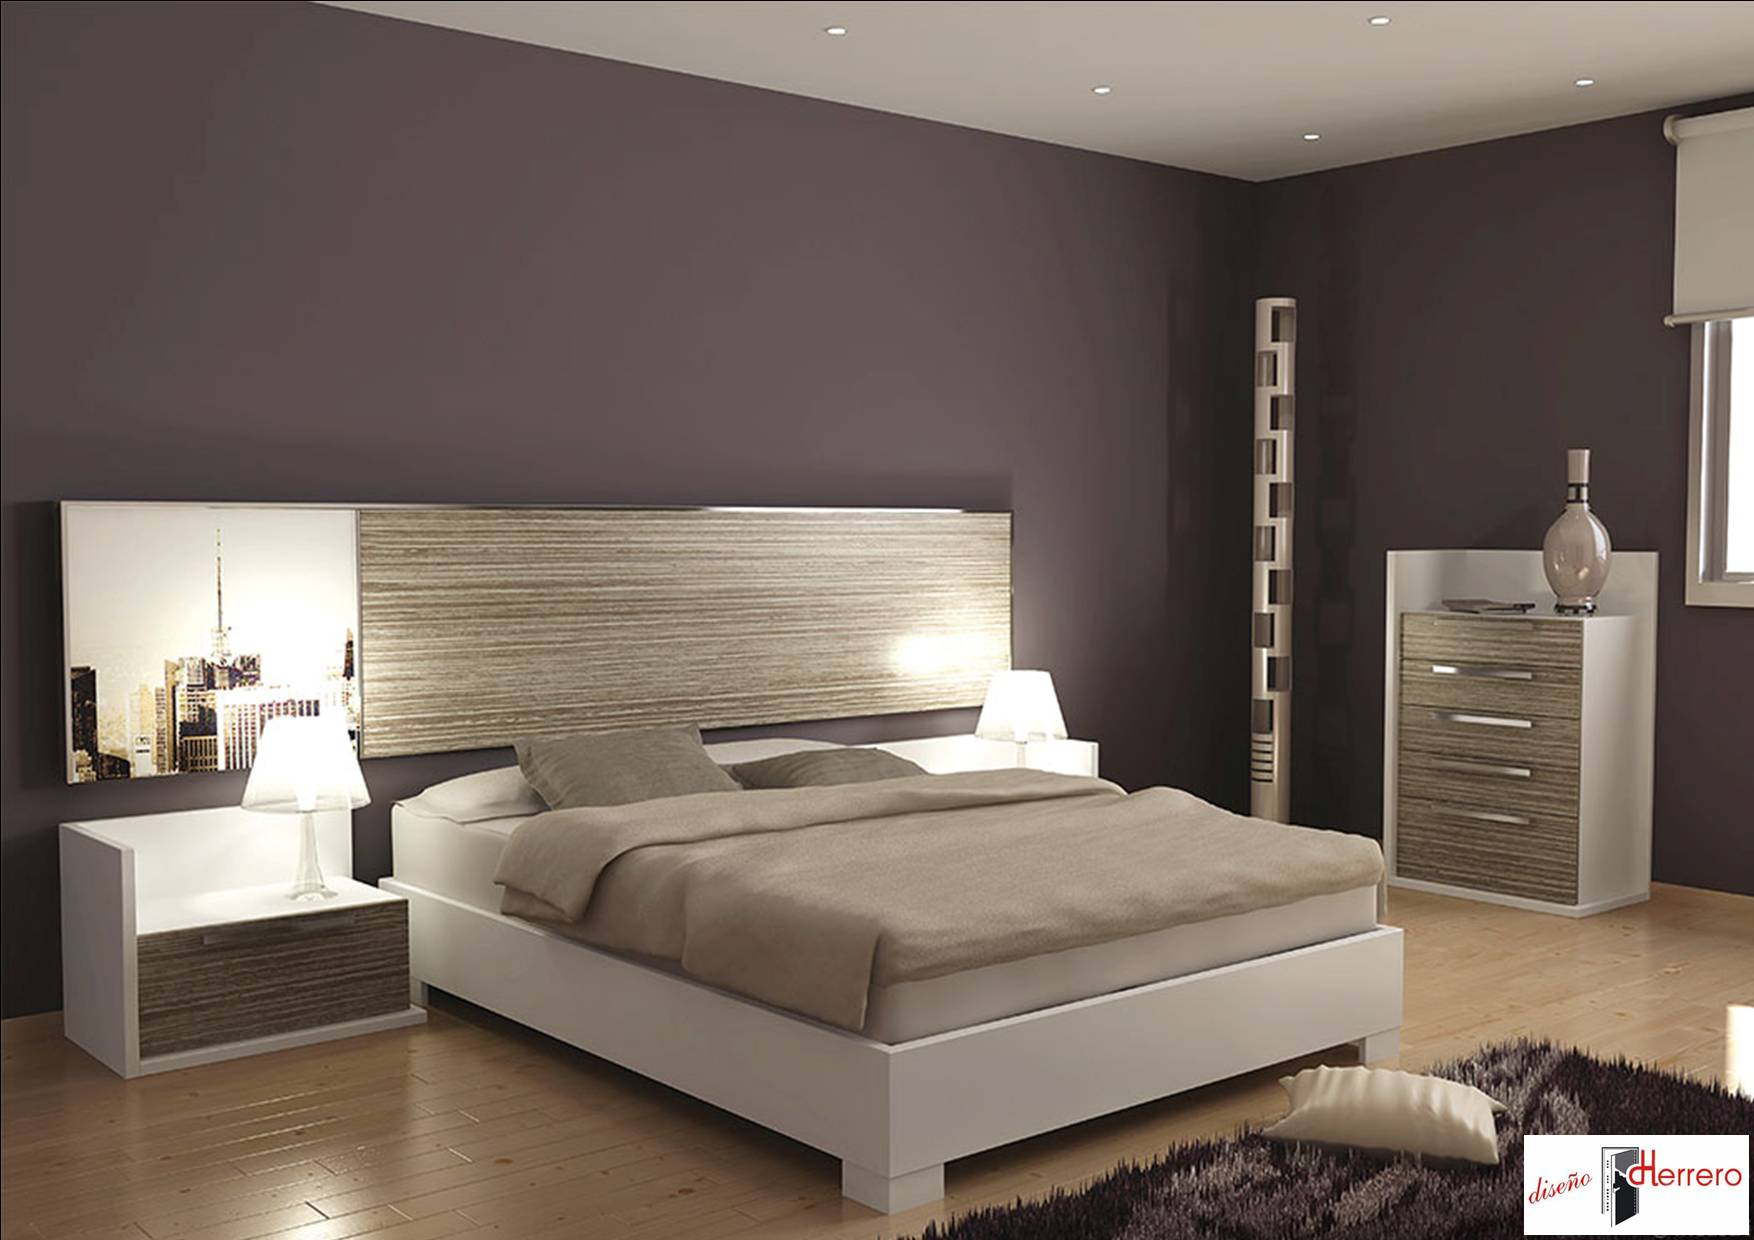 Desconectar y relajar c mo ser m s feliz en el - Luces de pared para dormitorio ...